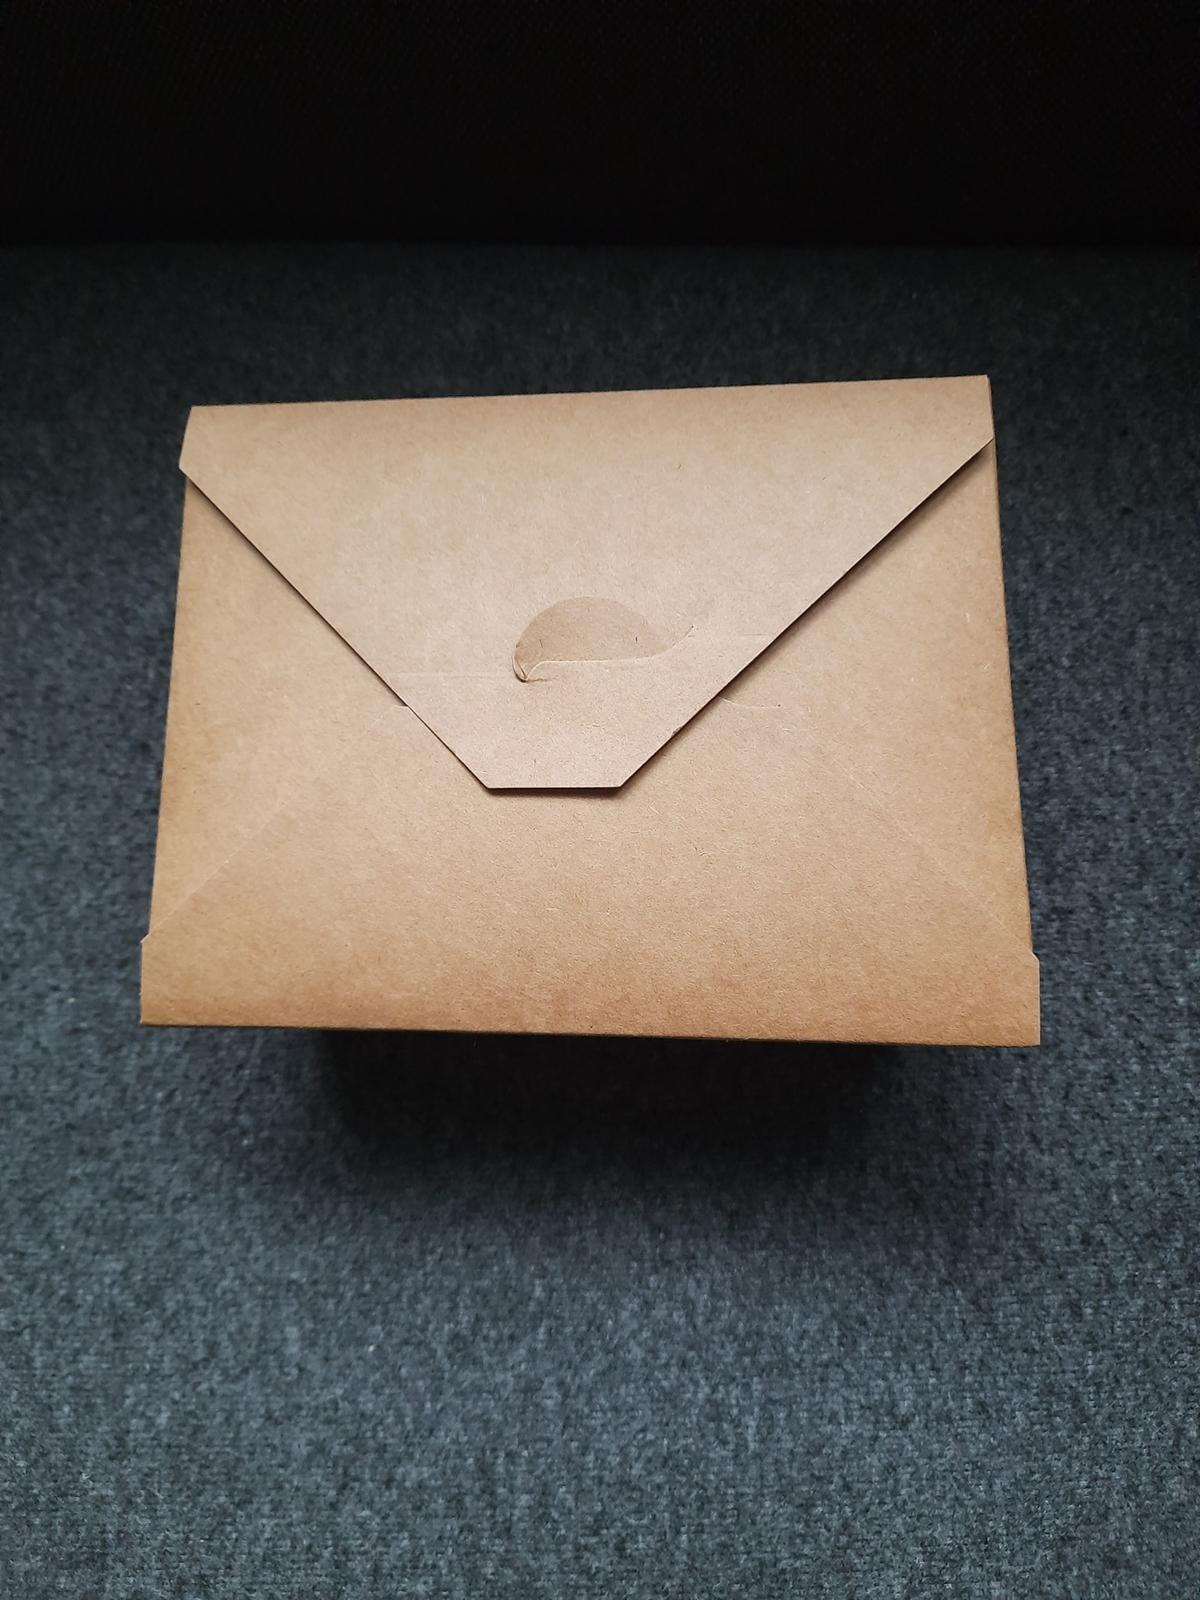 Krabičky na výslužky 75 ks - Obrázek č. 1